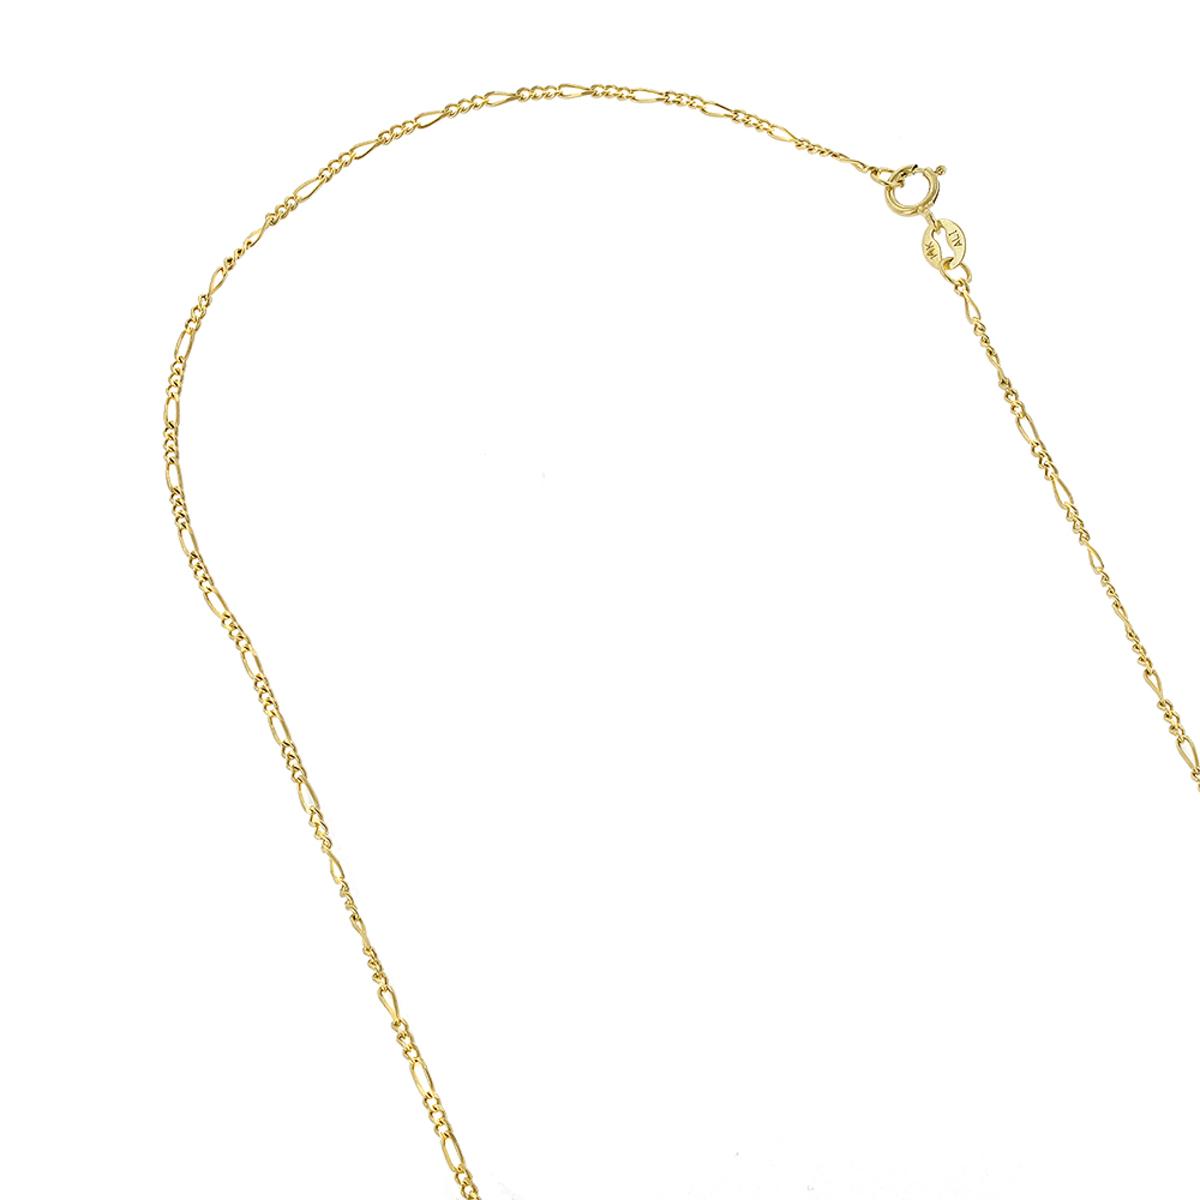 LUXURMAN Solid 14k Gold Figaro Chain For Men & Women 1.9mm Wide